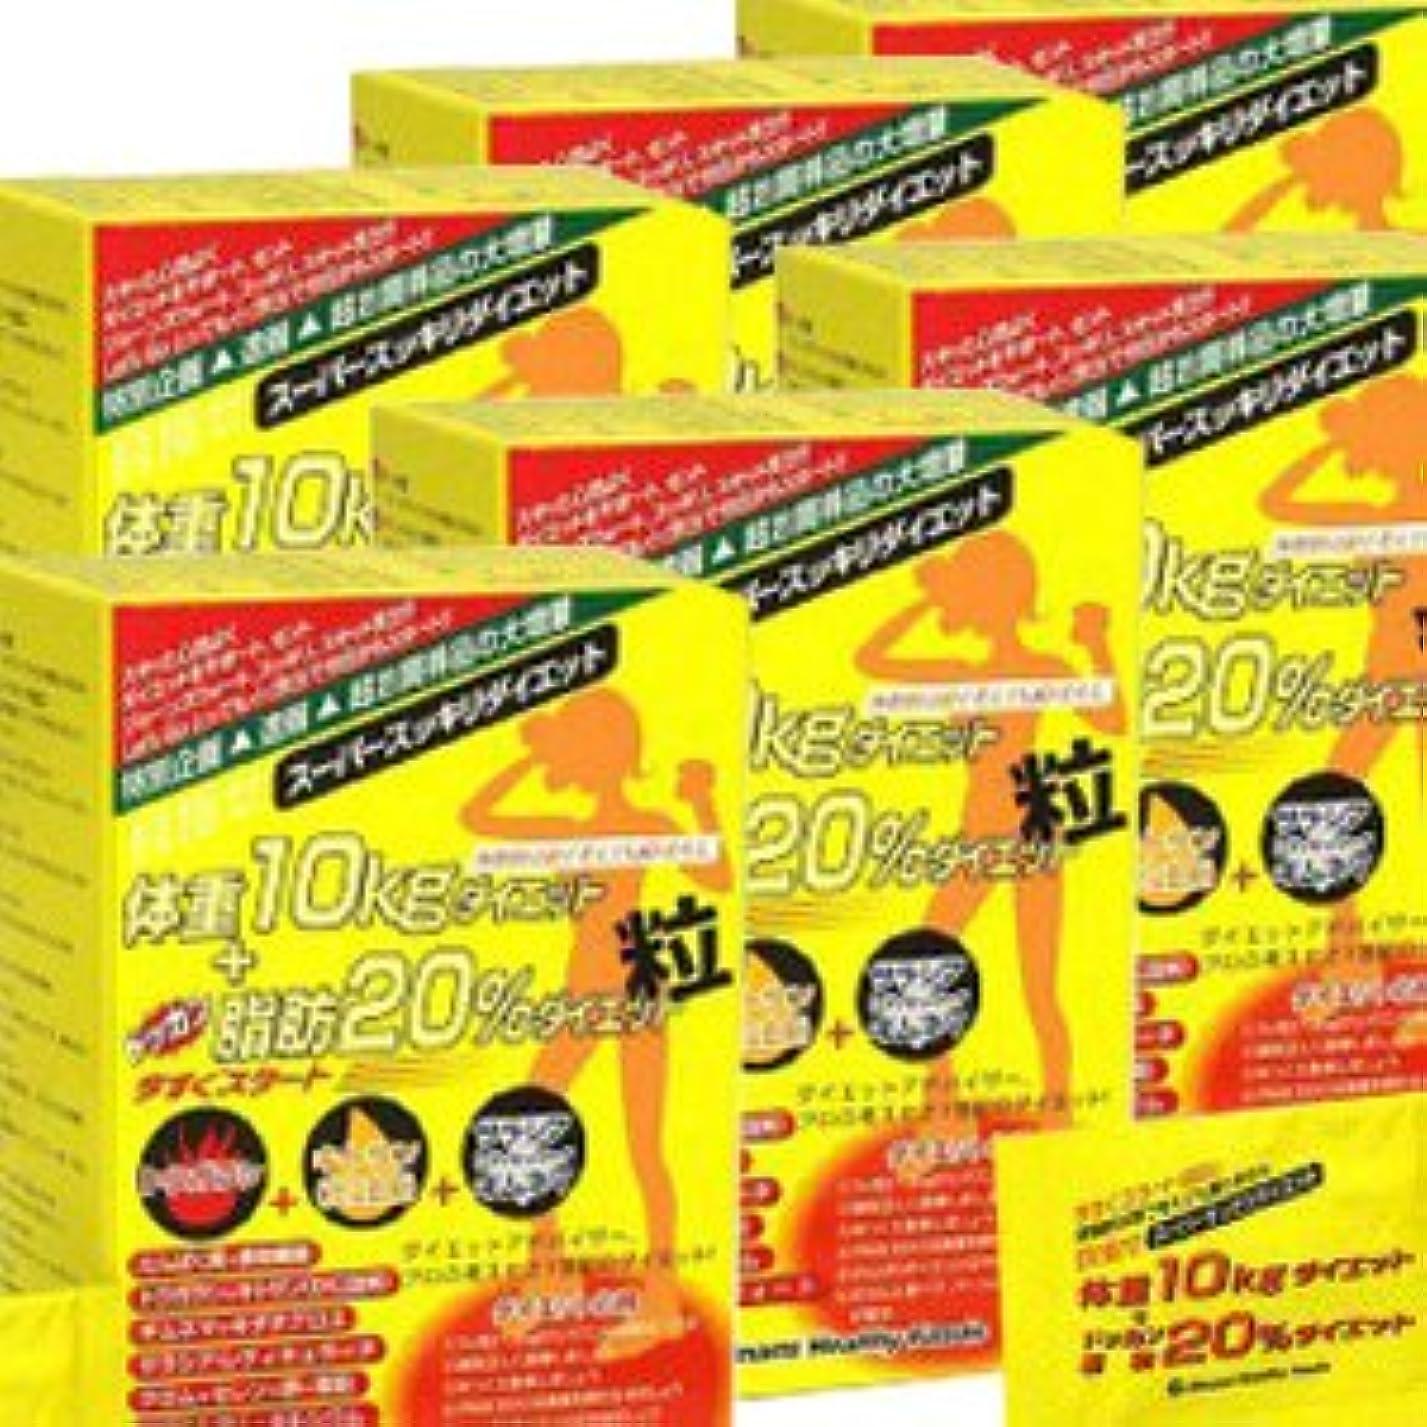 子供達野心学部【6箱】目指せ体重10kgダイエット+ドッカン脂肪20%ダイエット粒 (6粒x75袋)x6箱 (4945904010341)